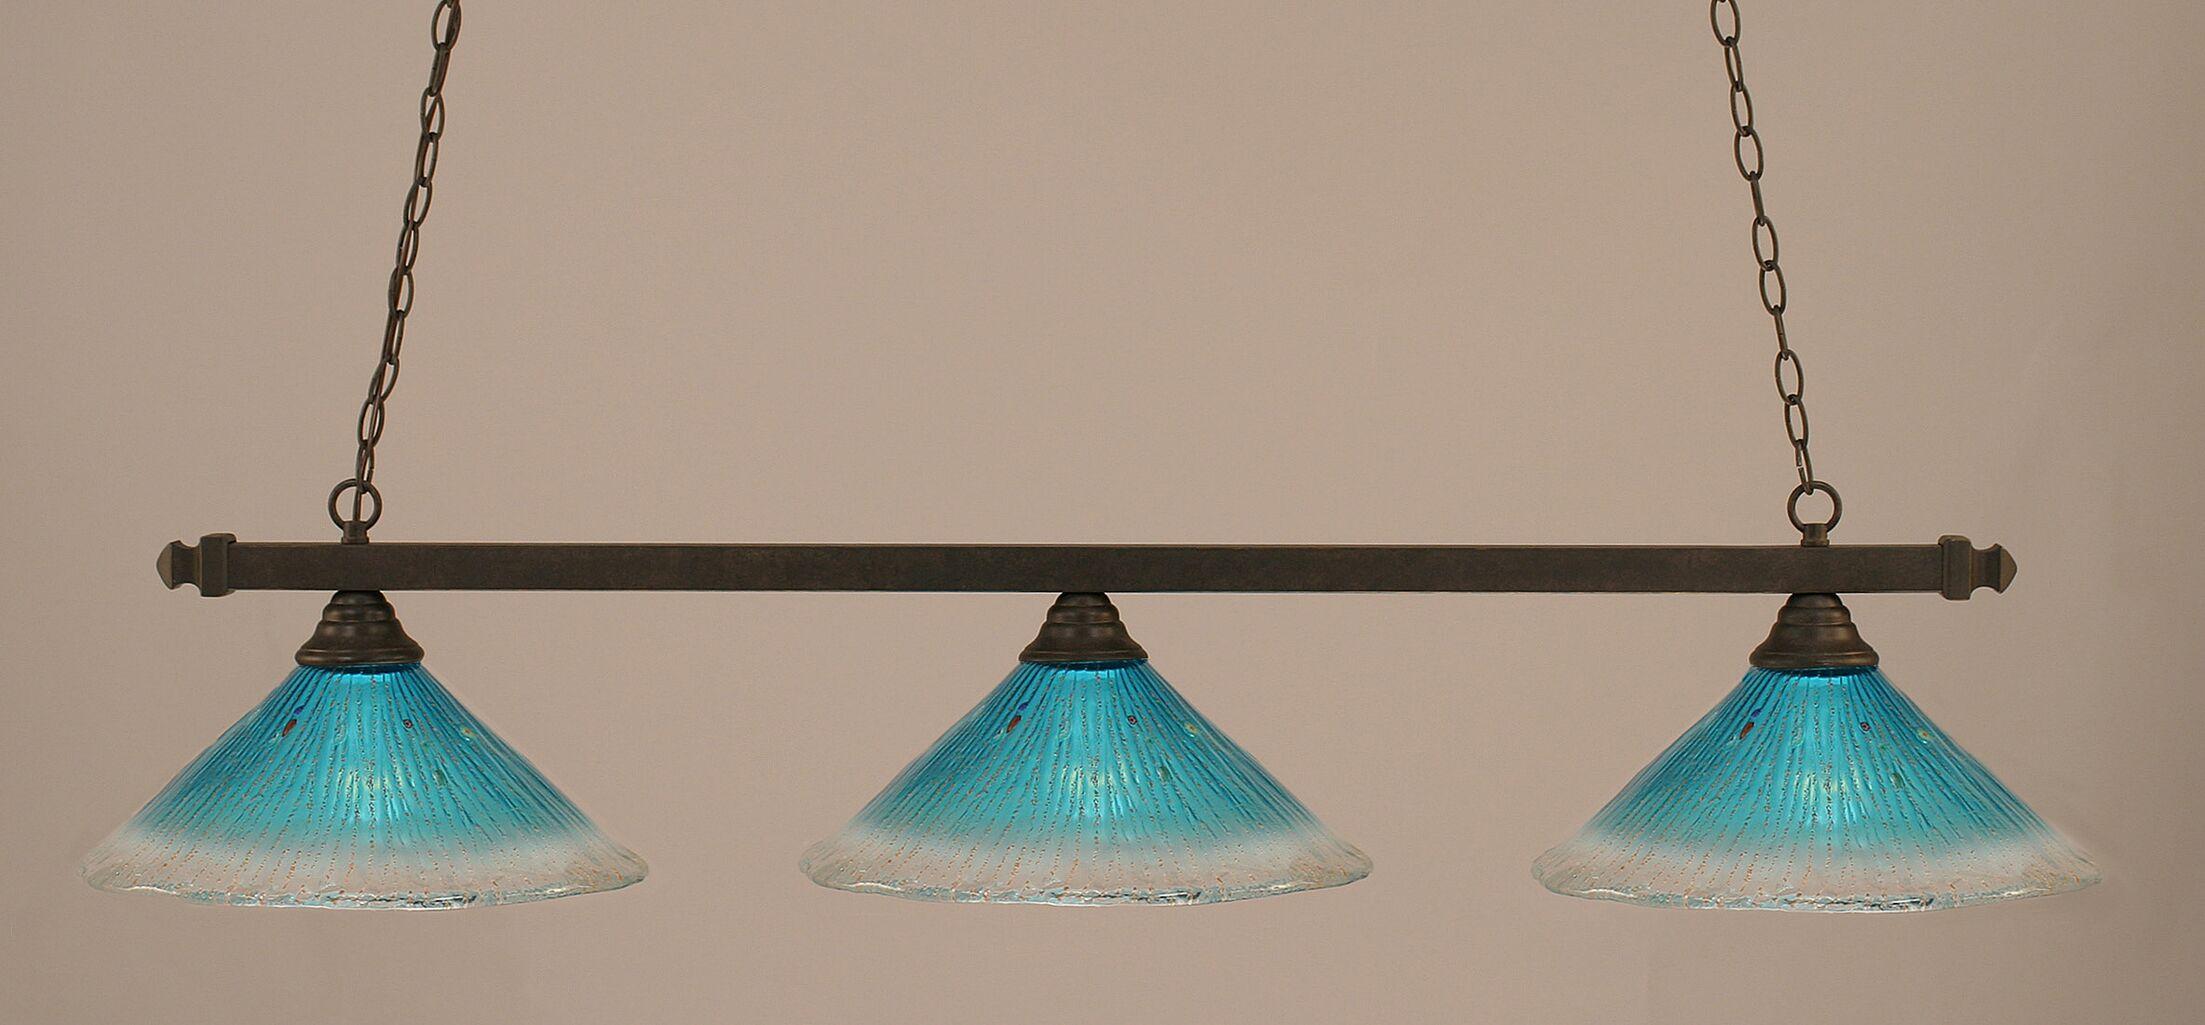 Singletary 3-Light Billiard Light Shade Color: Teal, Finish: Dark Granite